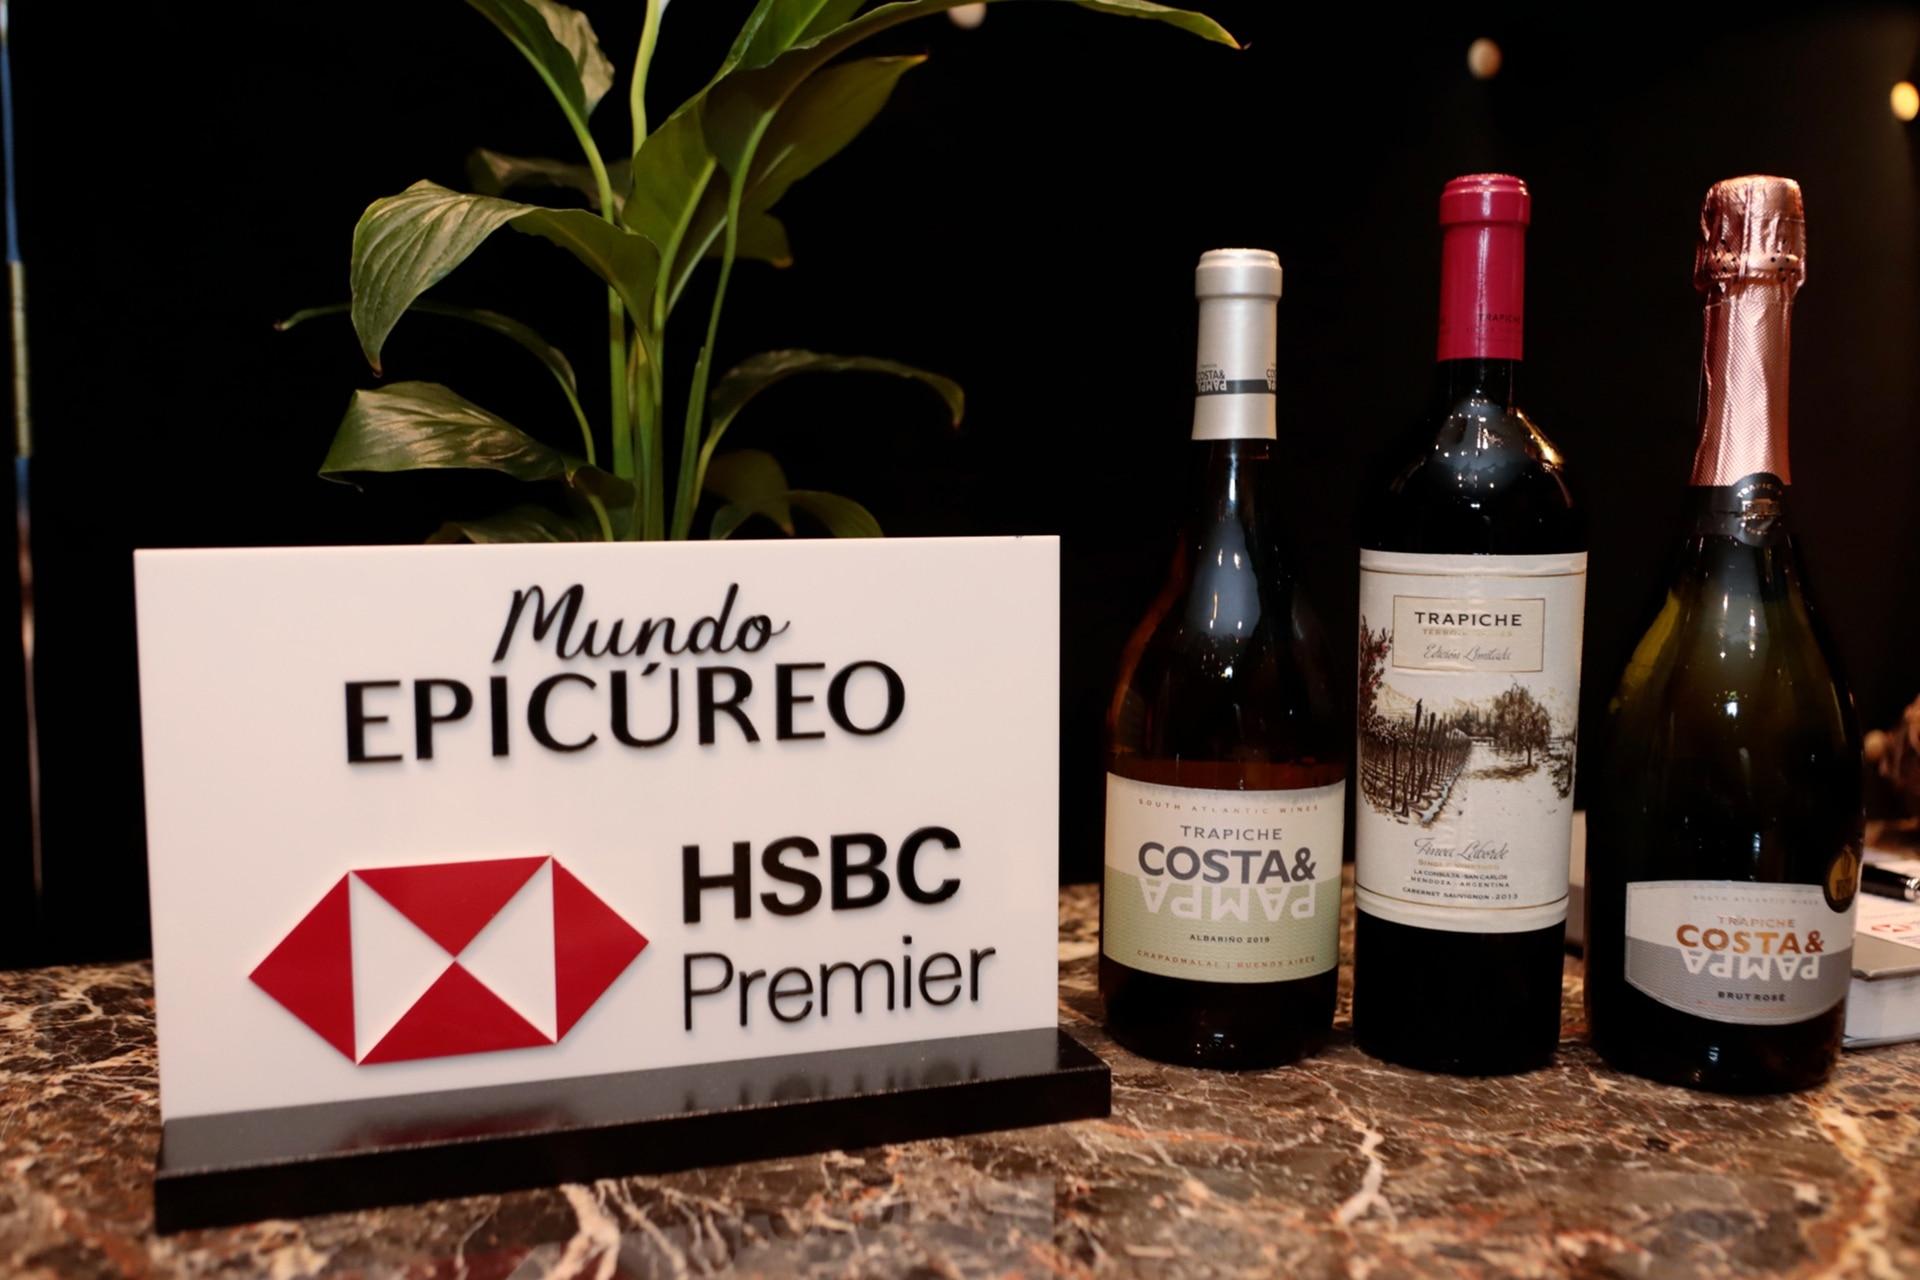 Hace ya dos años que Trapiche forma parte del programa Mundo Epicúreo de HSBC.